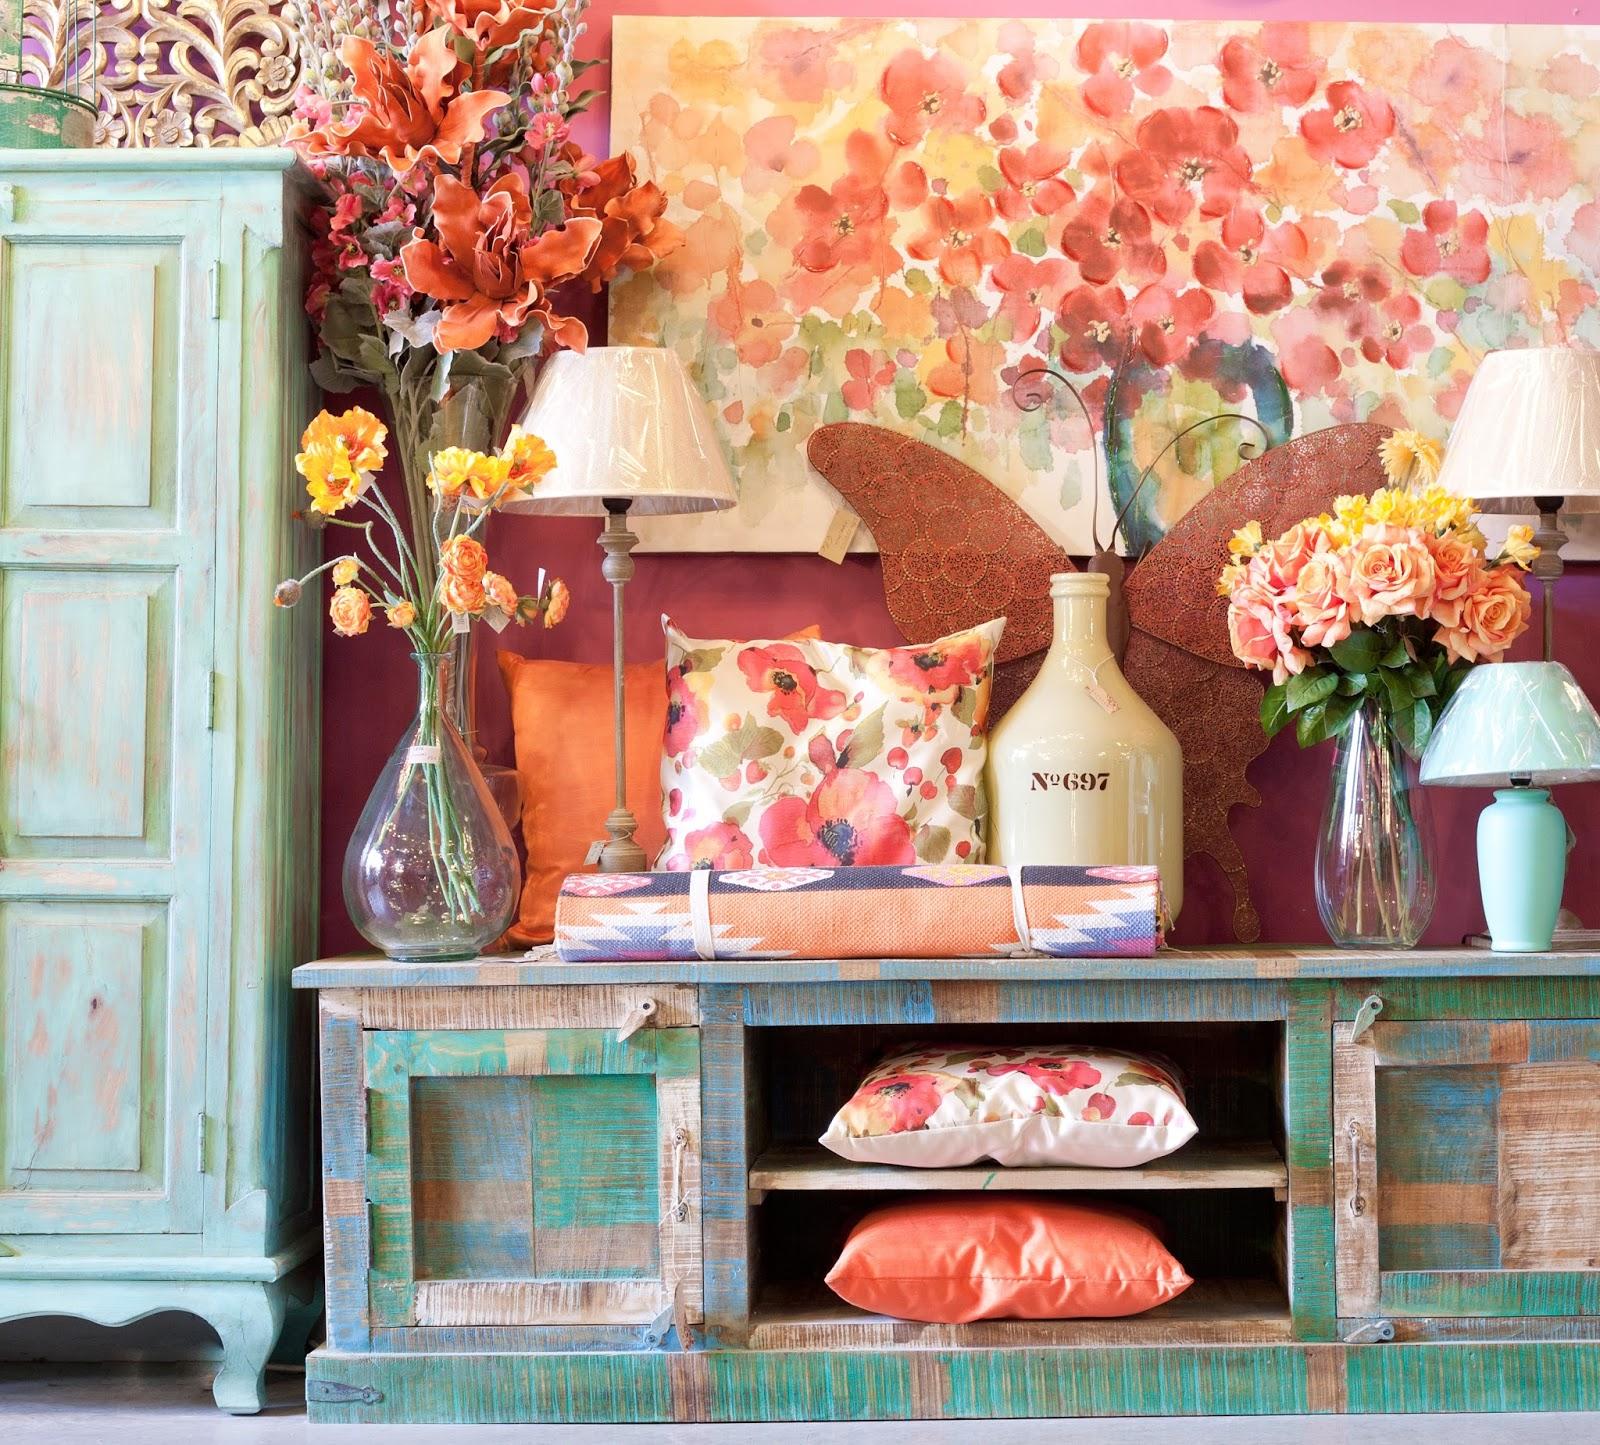 Katatori interiores a todo color for Muebles poligono el manchon